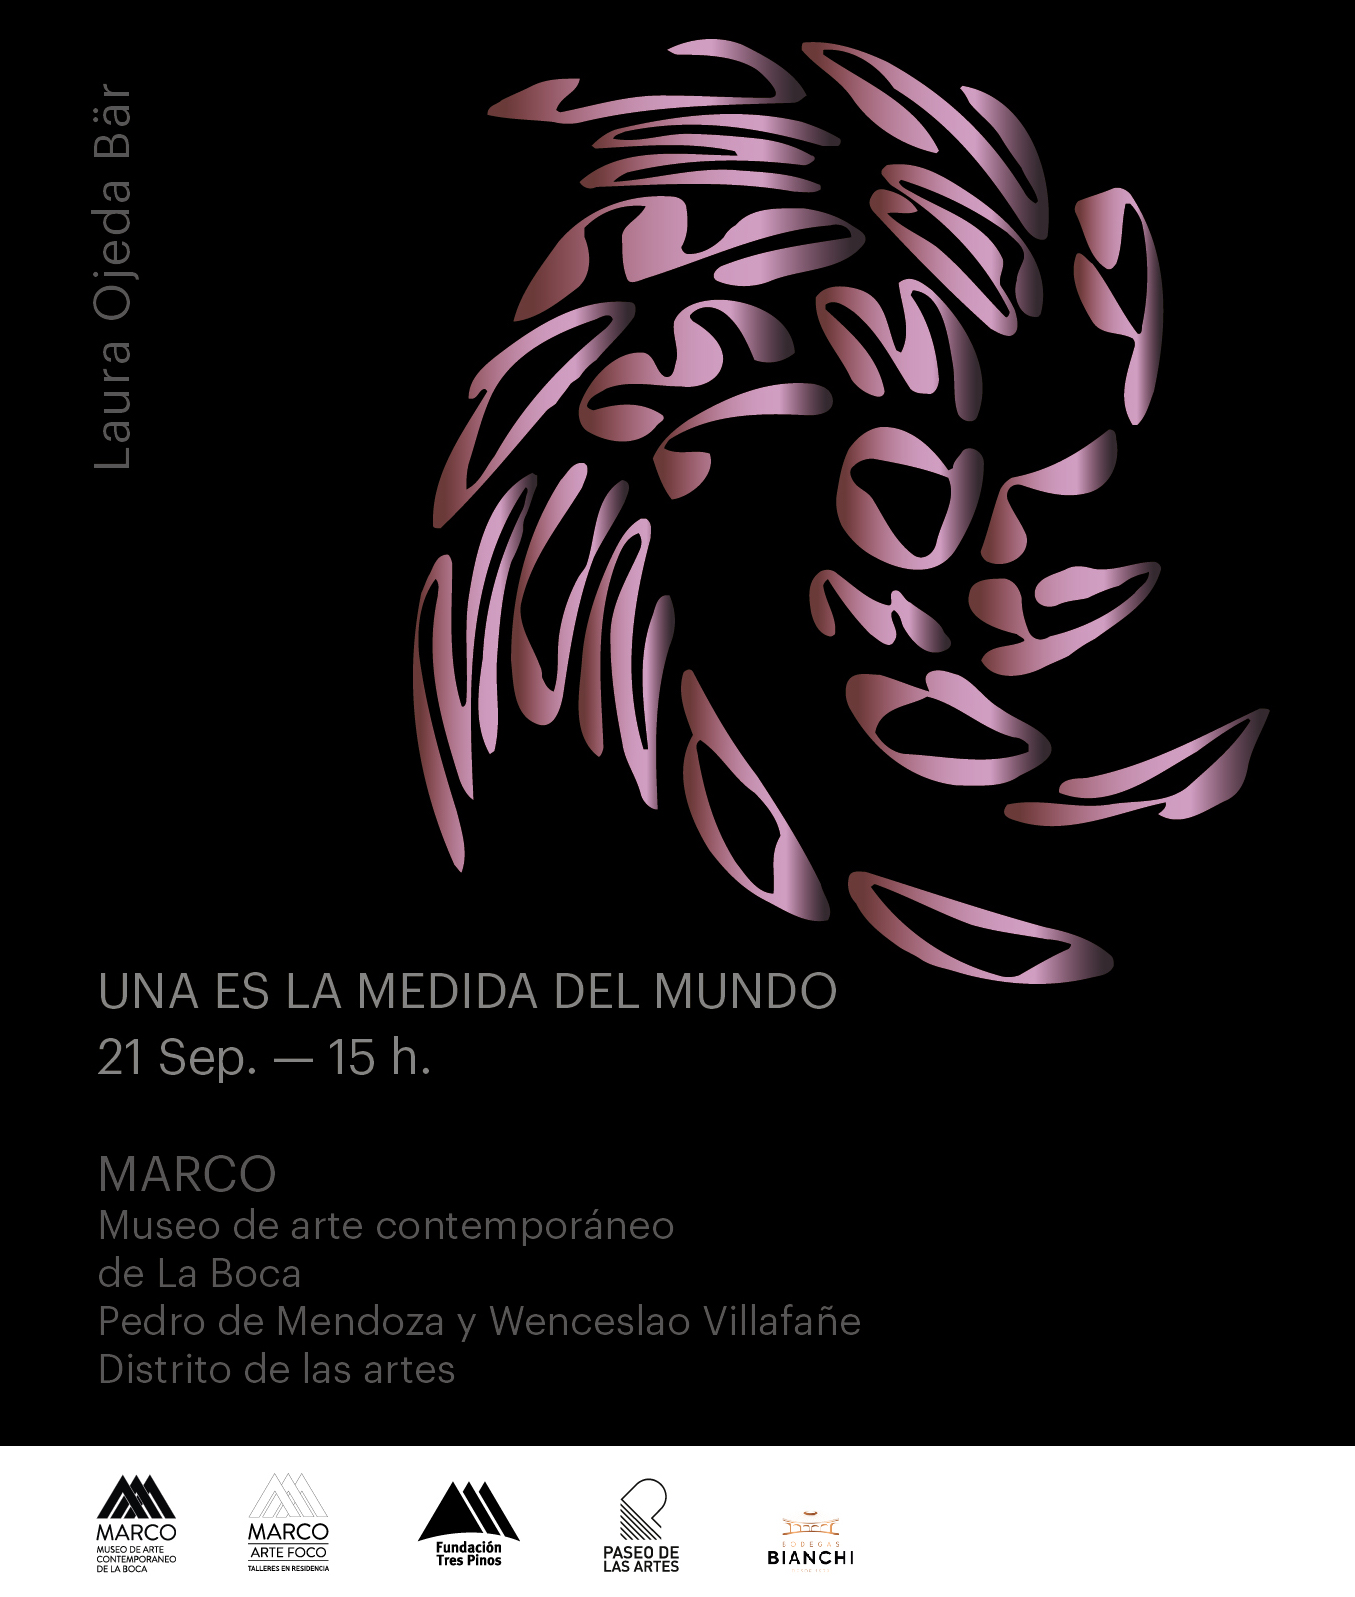 UNA ES LA MEDIDA DEL MUNDO| Laura Ojeda Bär